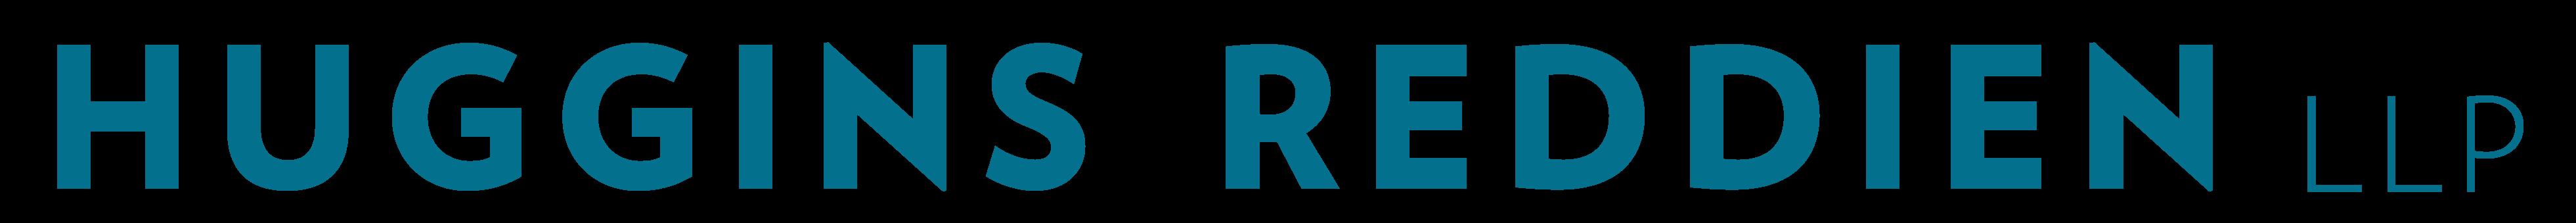 HugginsReddien_Logo_LPP_Teal (1).png